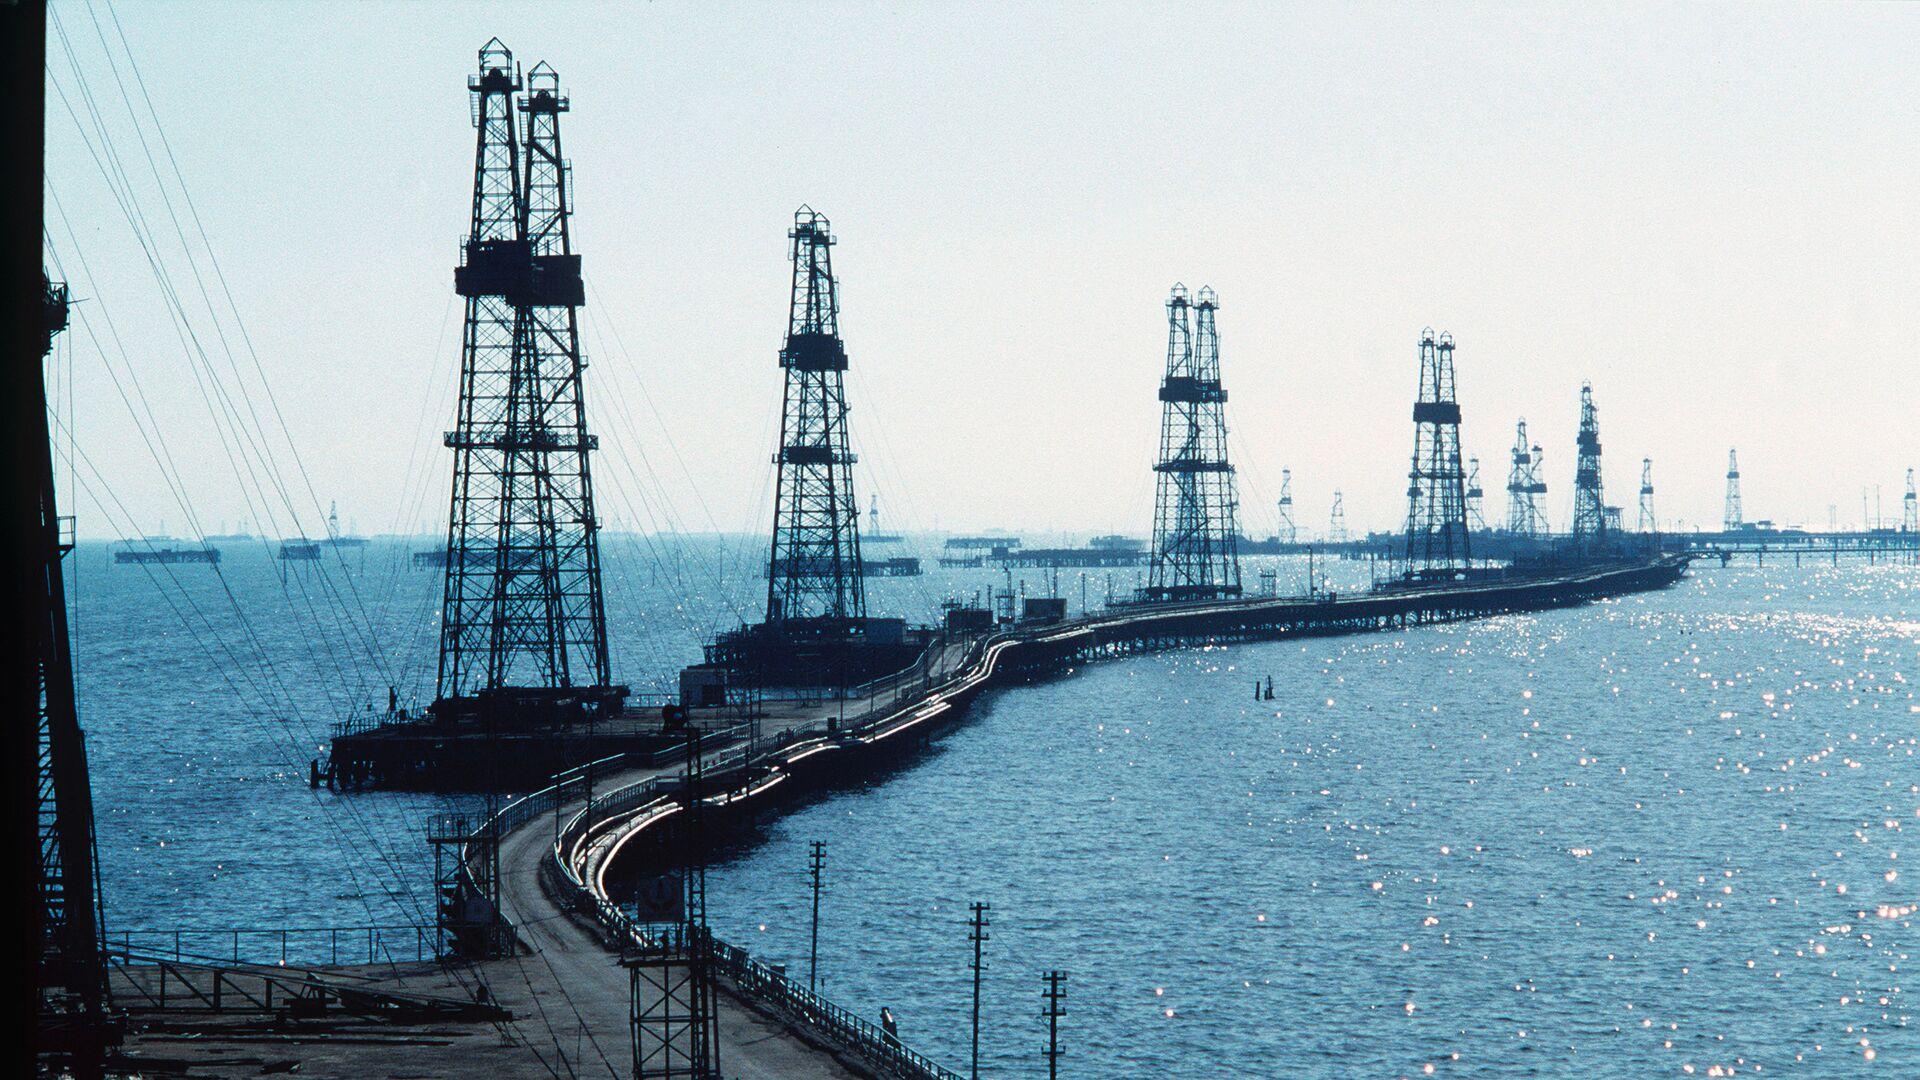 Нефтяные вышки на Каспийском море в Азербайджане - Sputnik Азербайджан, 1920, 03.06.2021